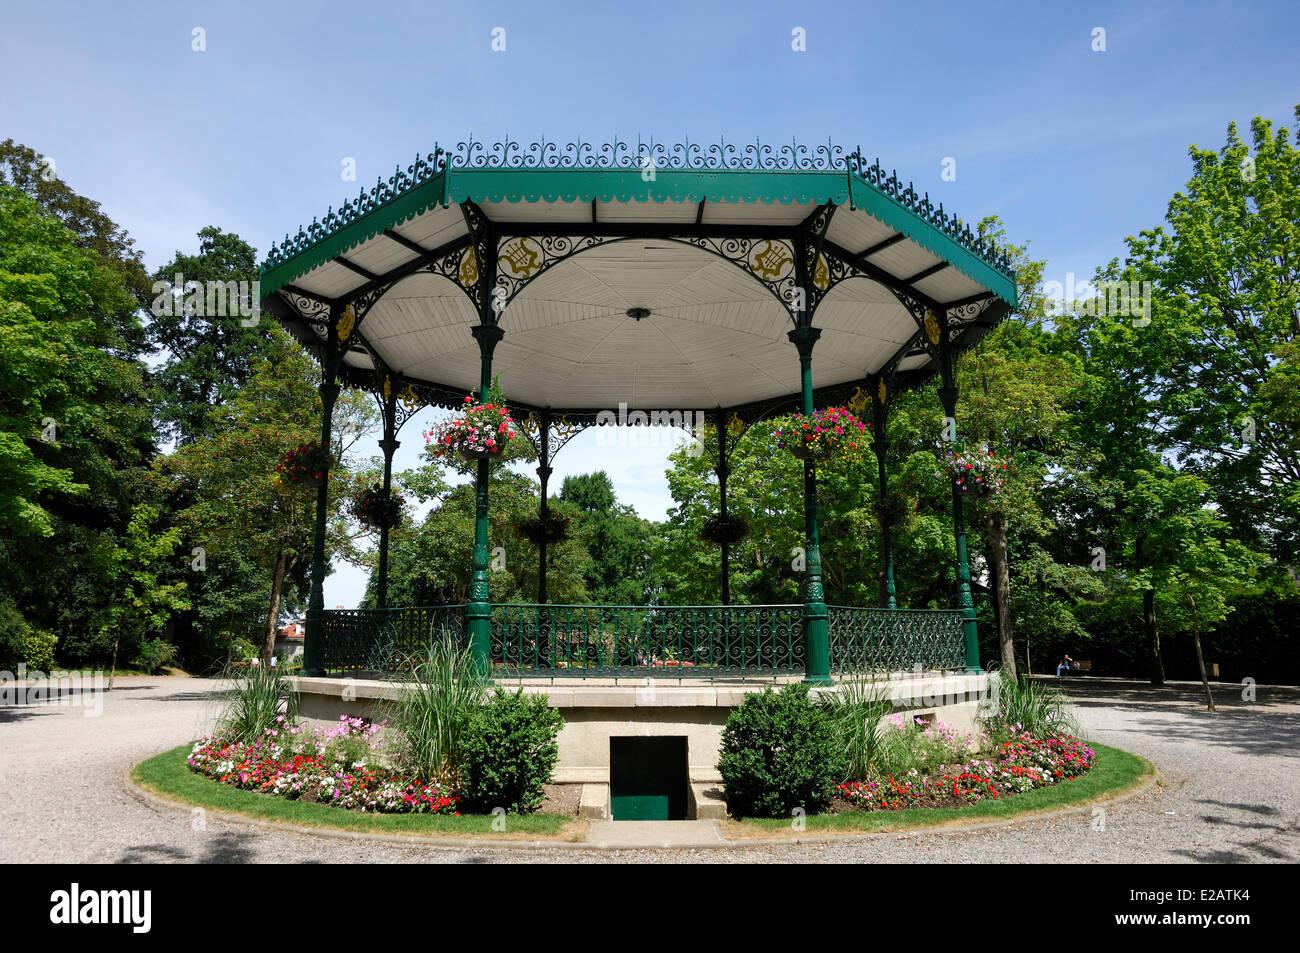 France, Pas-de-Calais, Saint Omer, Park, Bandstand - Stock Image